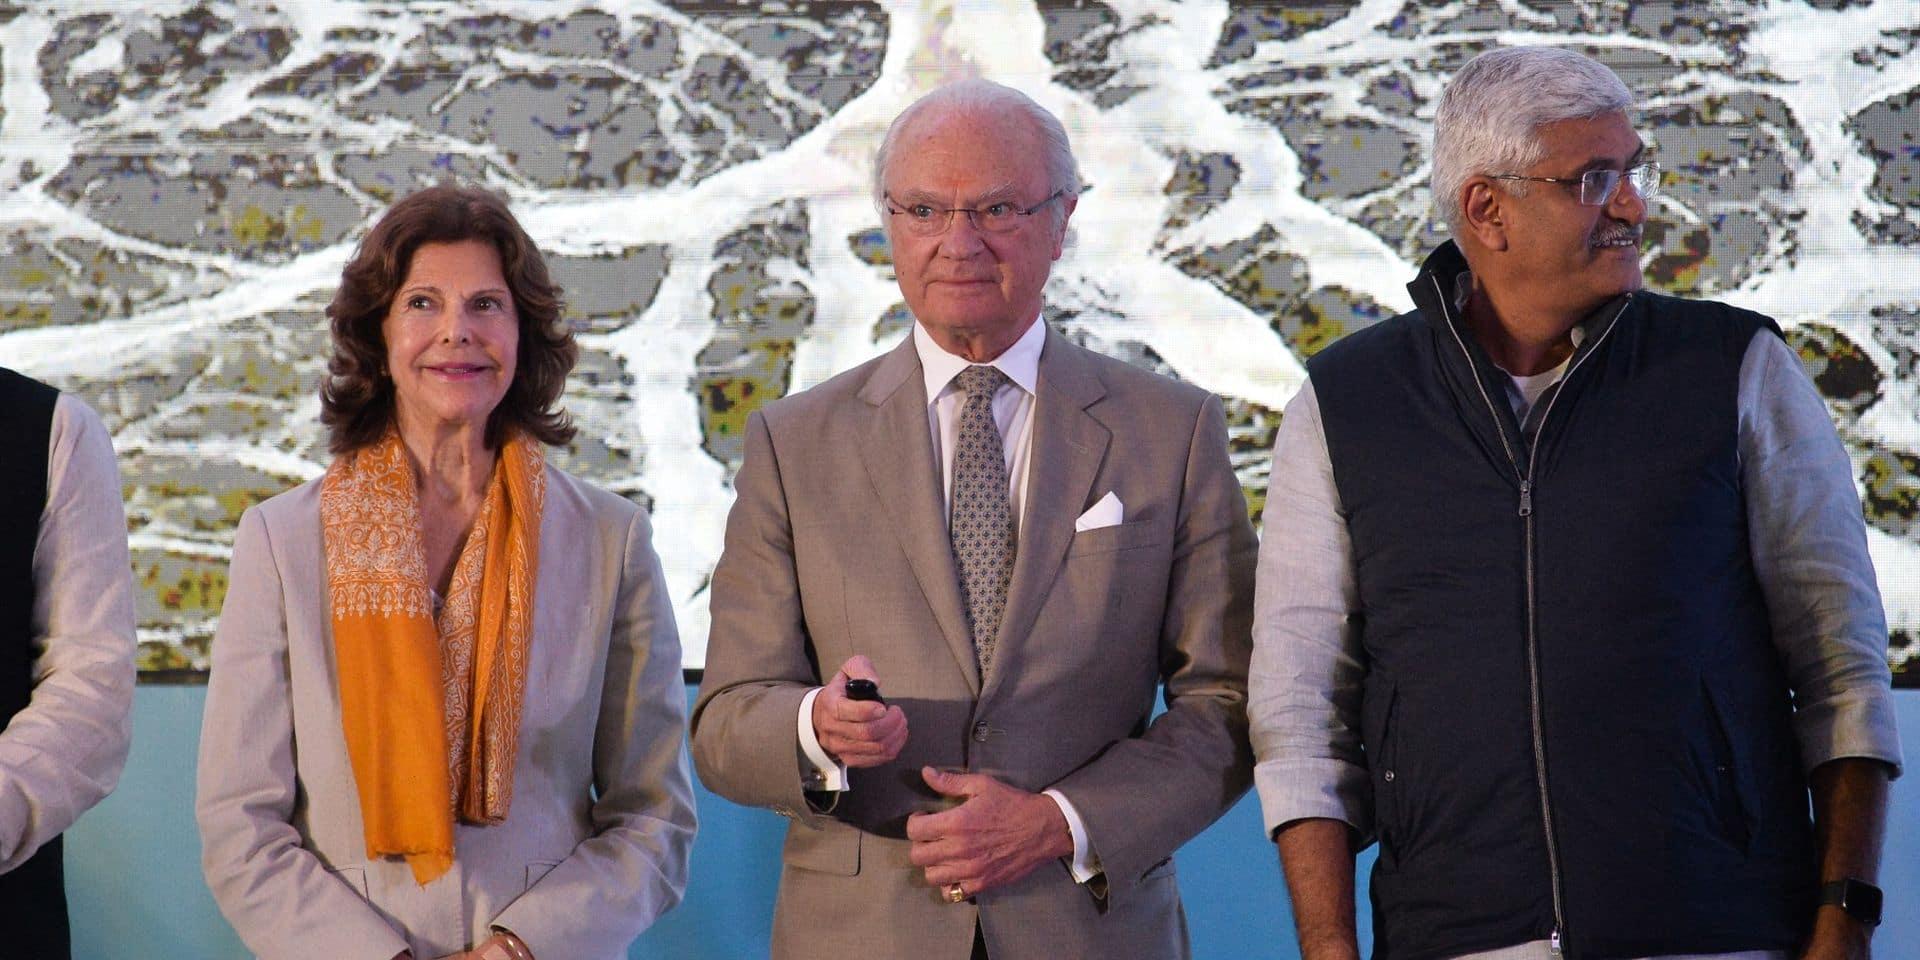 Les souverains suédois nettoient une plage en Inde